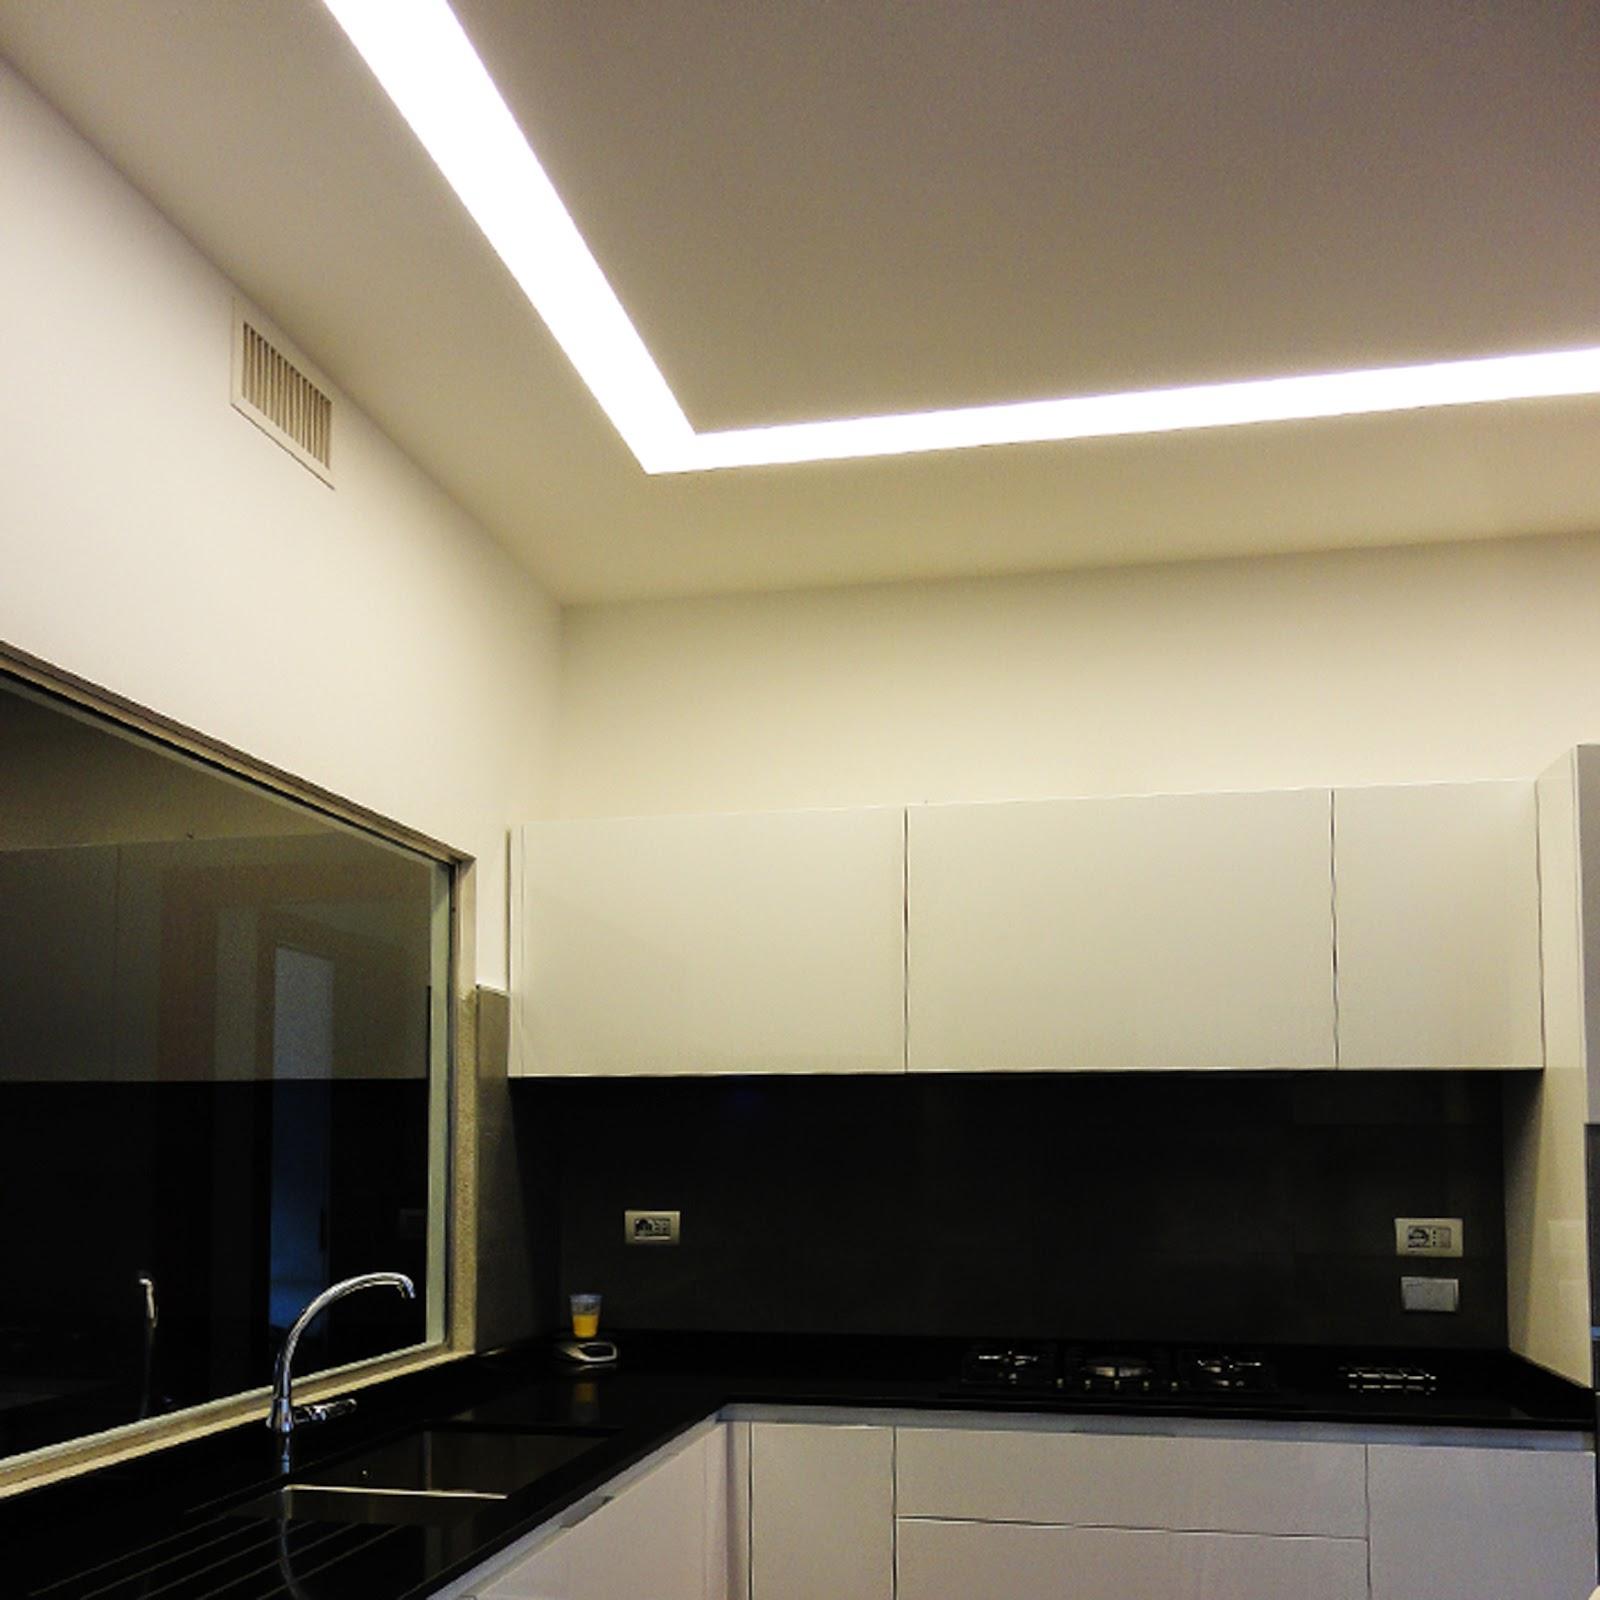 Illuminazione led casa maggio 2014 for Led per interni casa